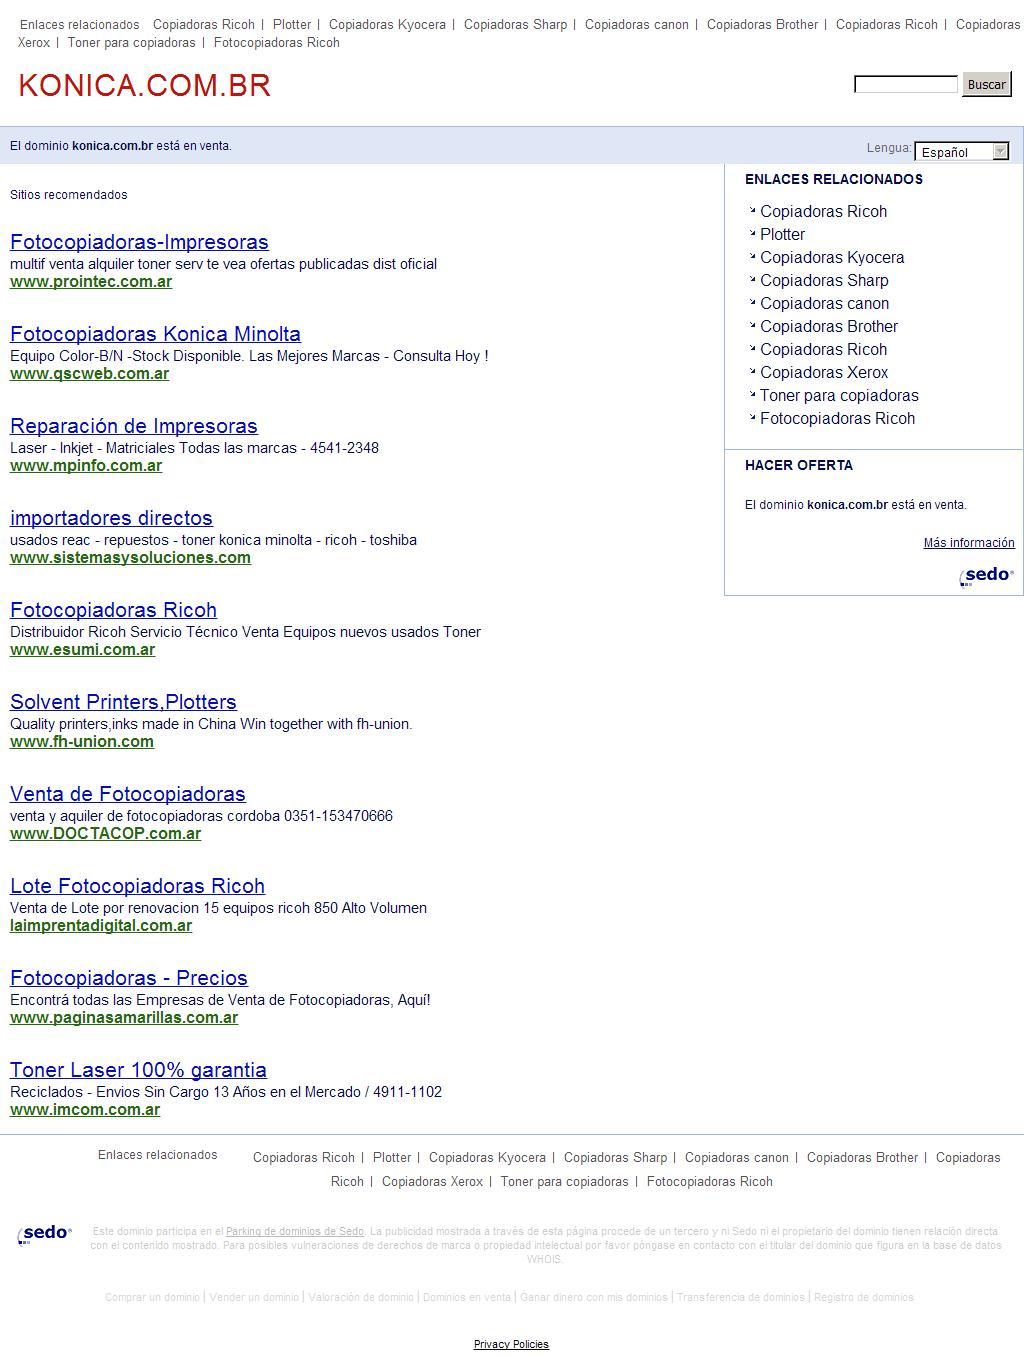 konica.com.br - La mejor información y recursos sobre konica minolta impressoras. ¡Esta pagina está a la venta!